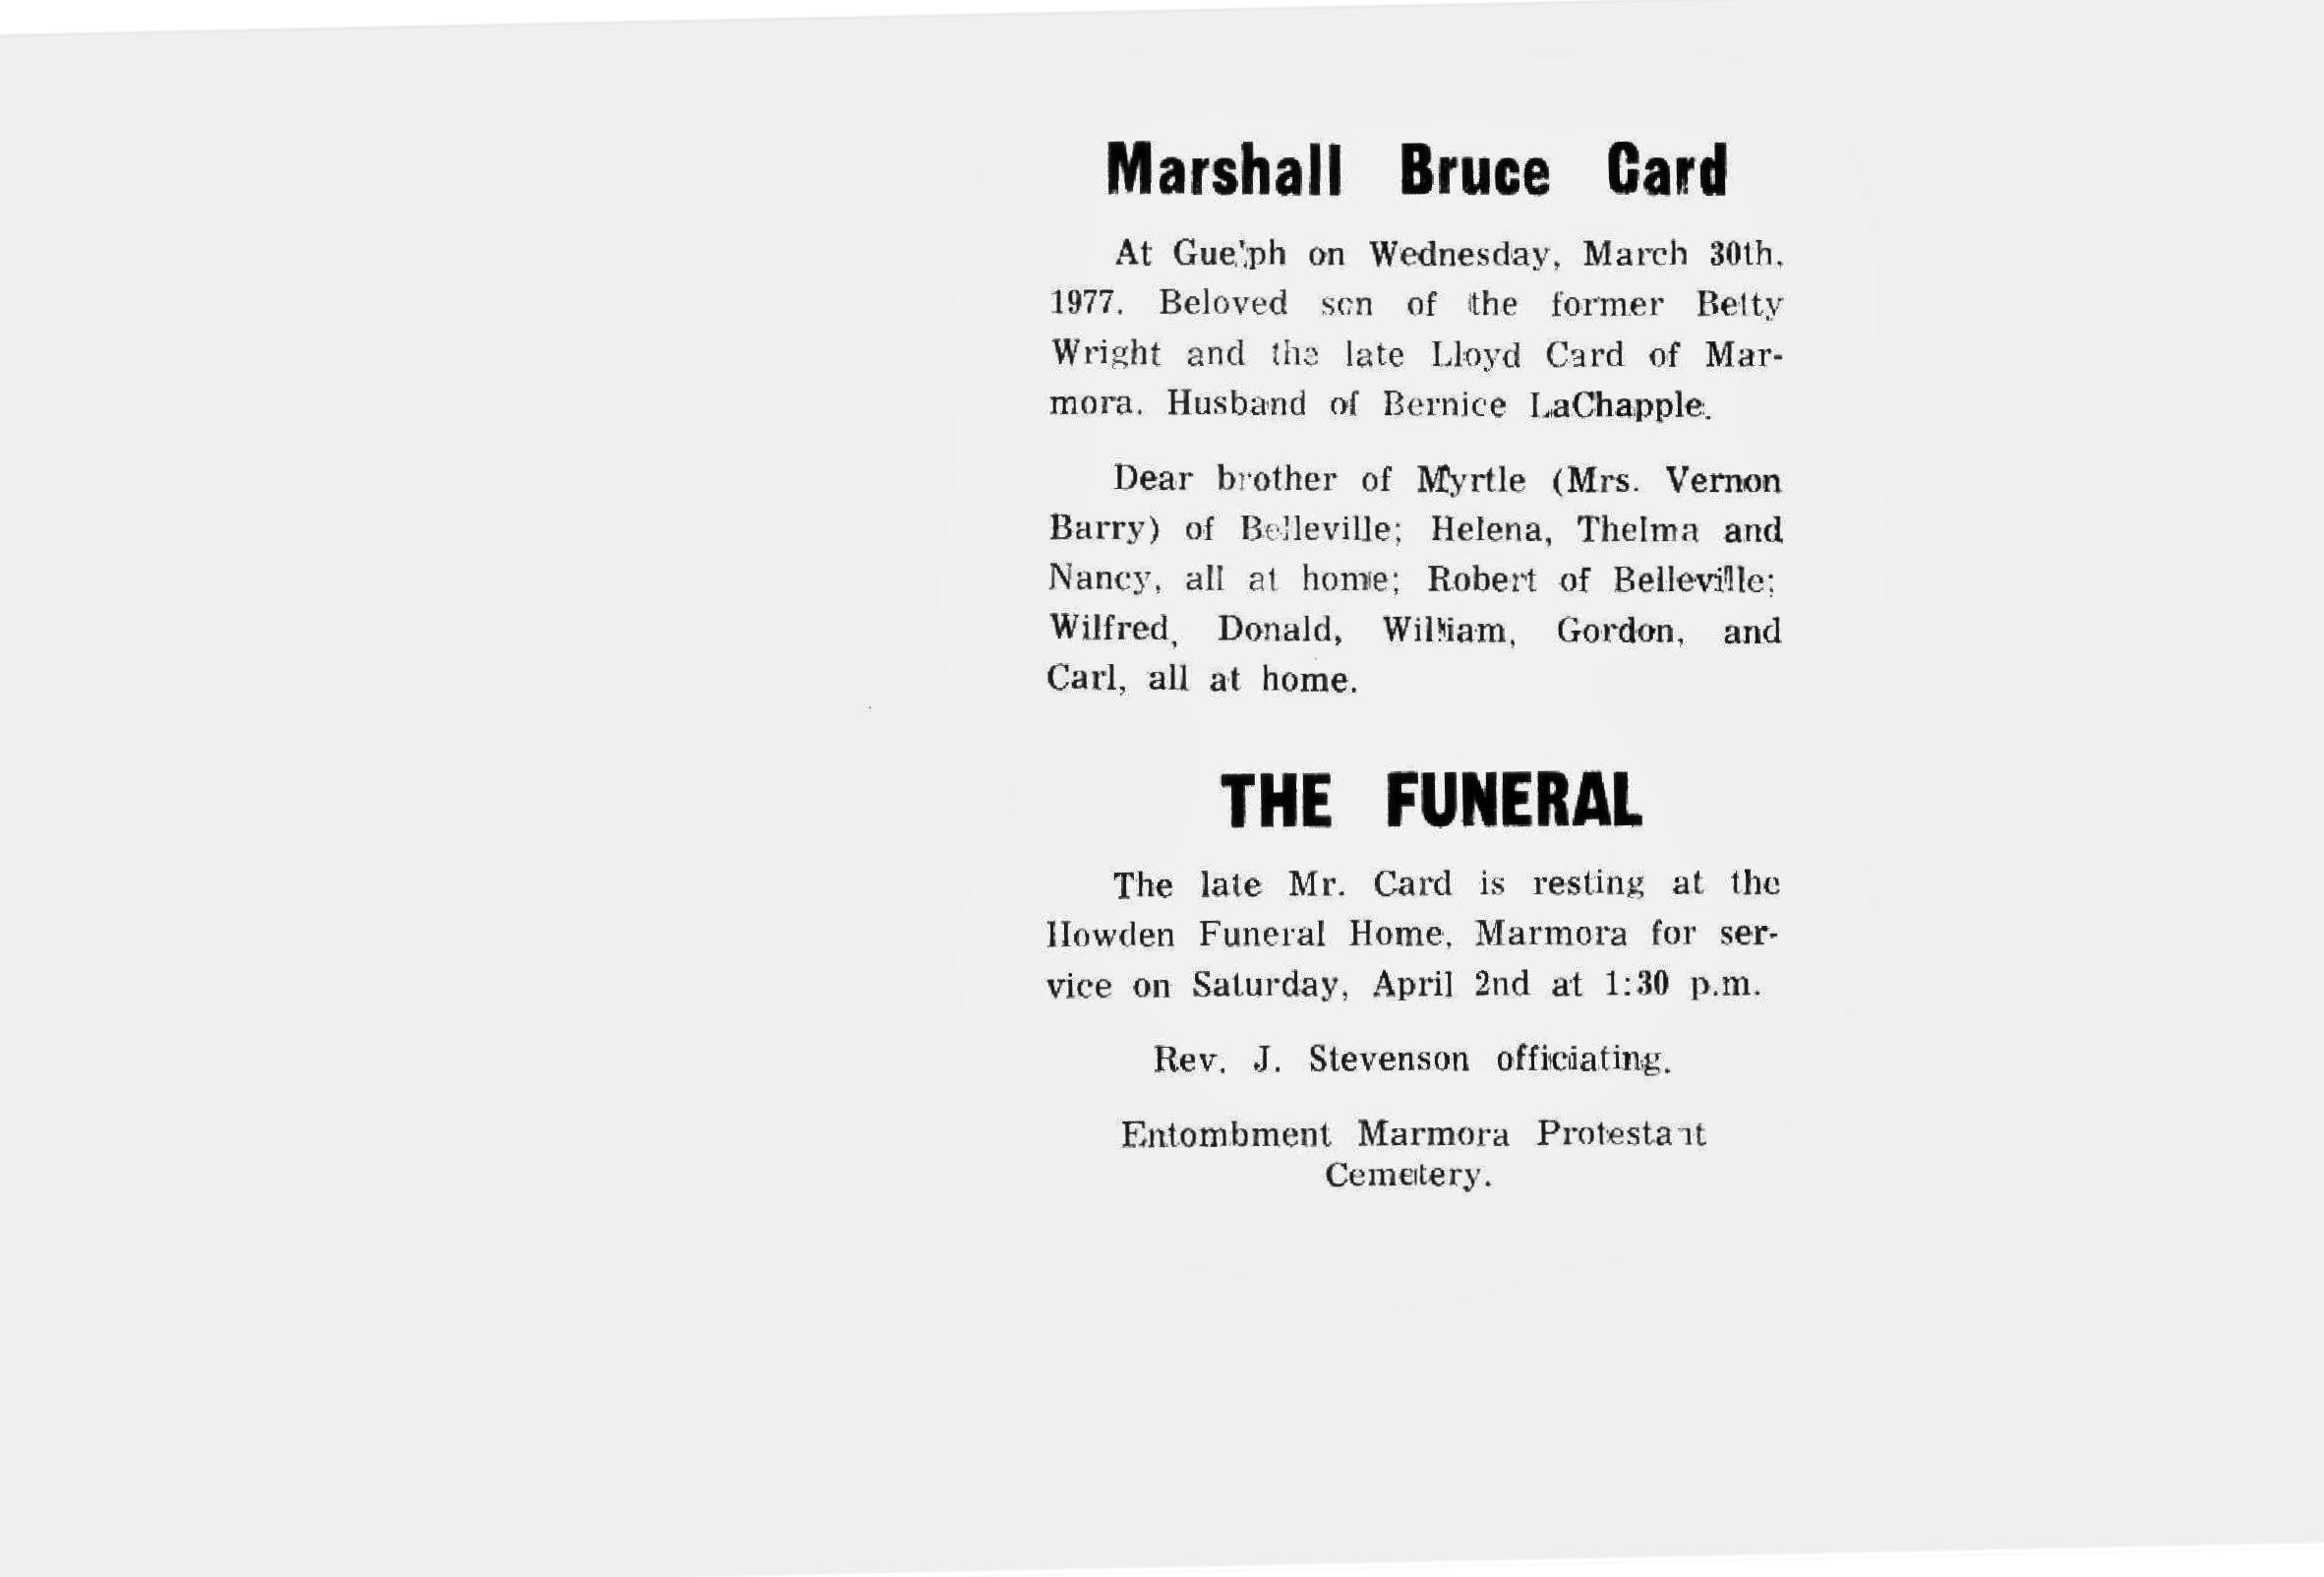 Card,  Marshall Bruce                           x.jpg